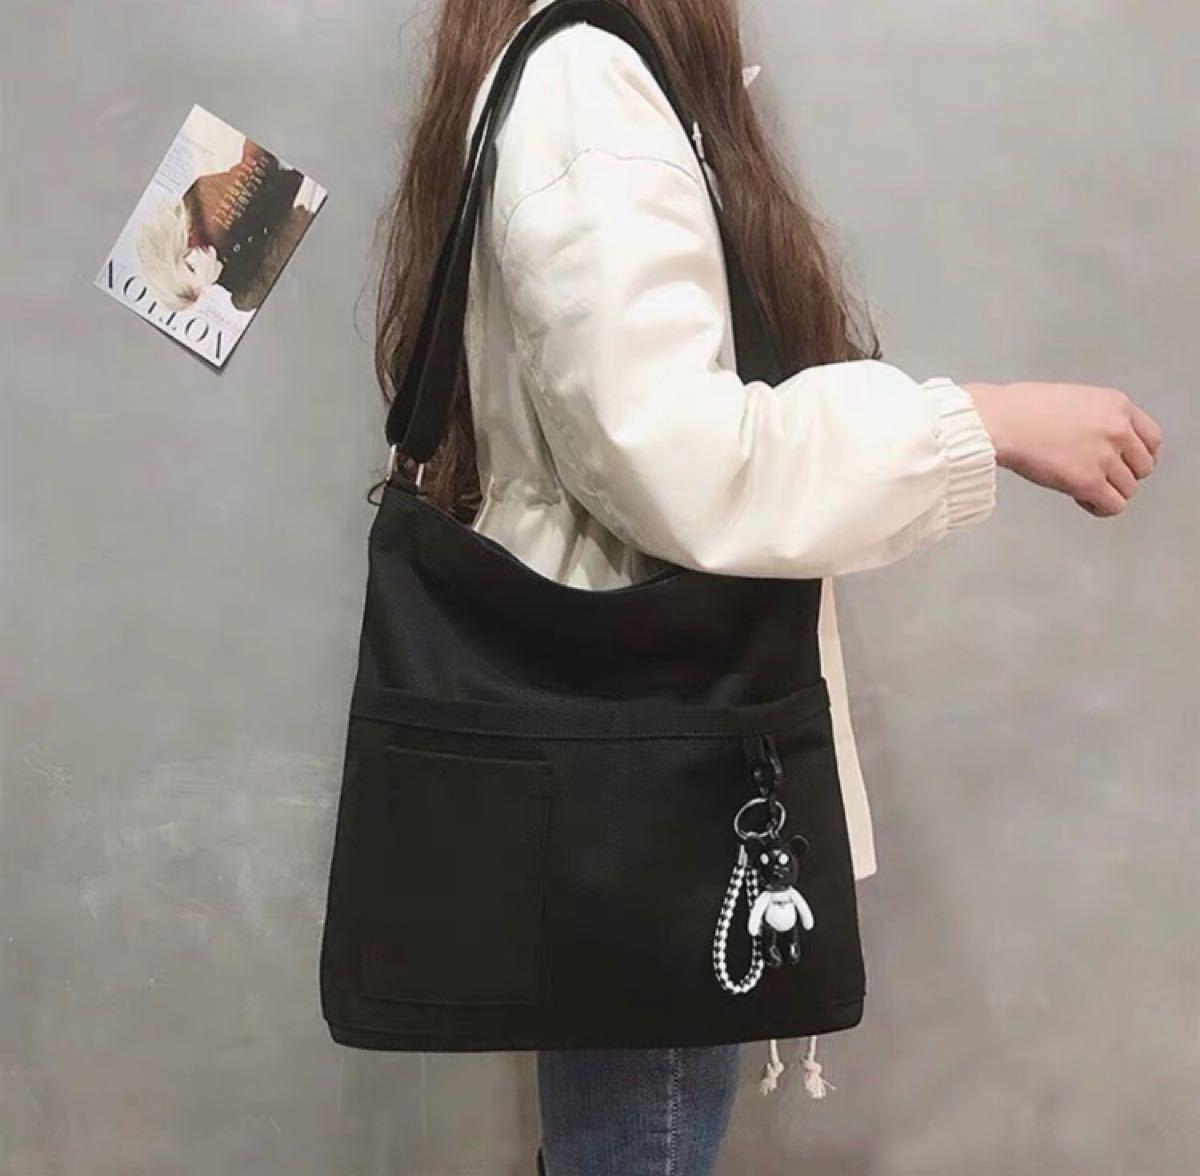 ショルダーバッグ キャンパスバッグ トートバッグ 4ポケット キーホルダー ブラック 男女兼用 新品未使用